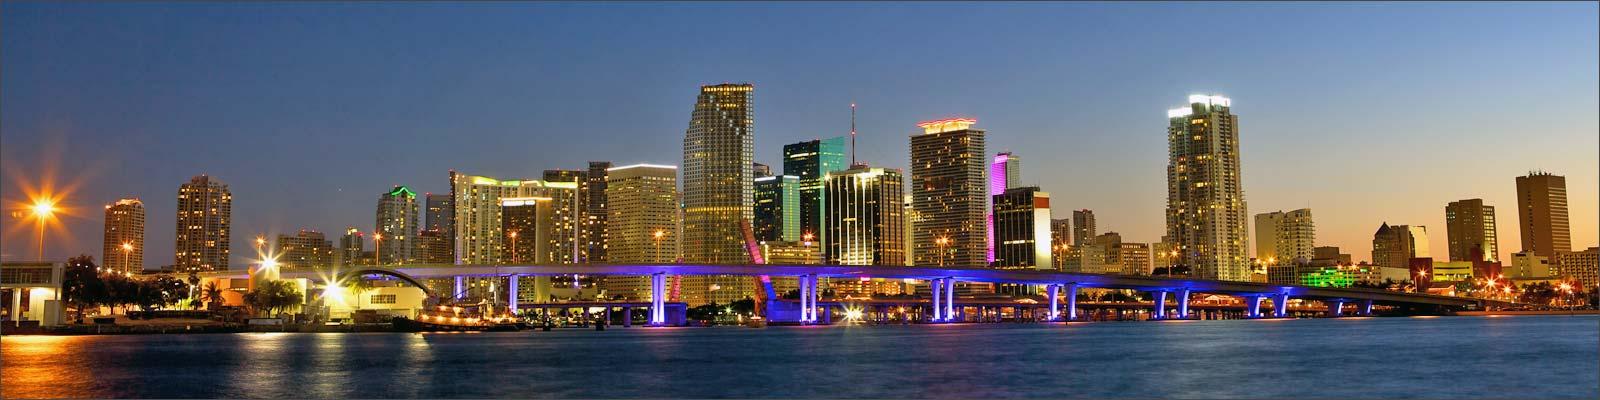 Miami-dusk